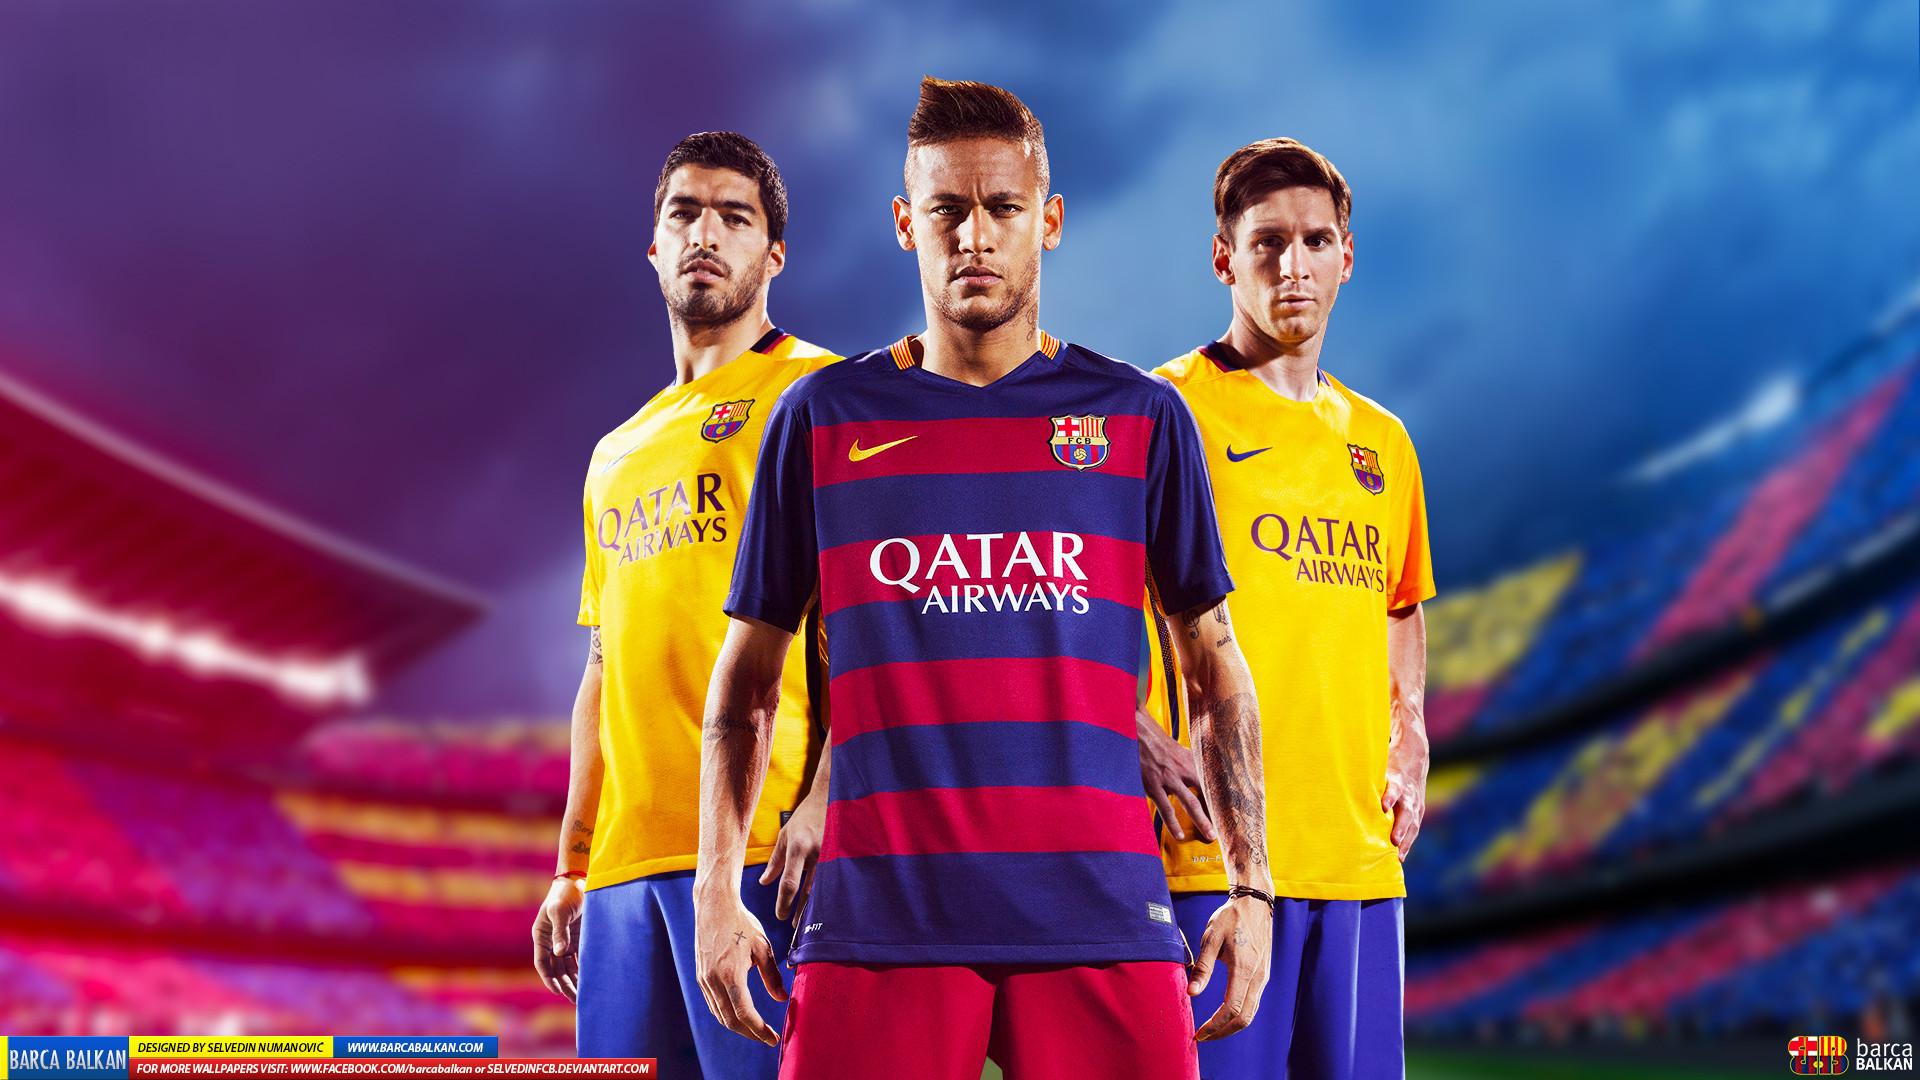 … Barca Neymar Messi Wallpaper Messi Suarez Neymar 2016 – Hd  Wallpaperselvedinfcb On Deviantart …